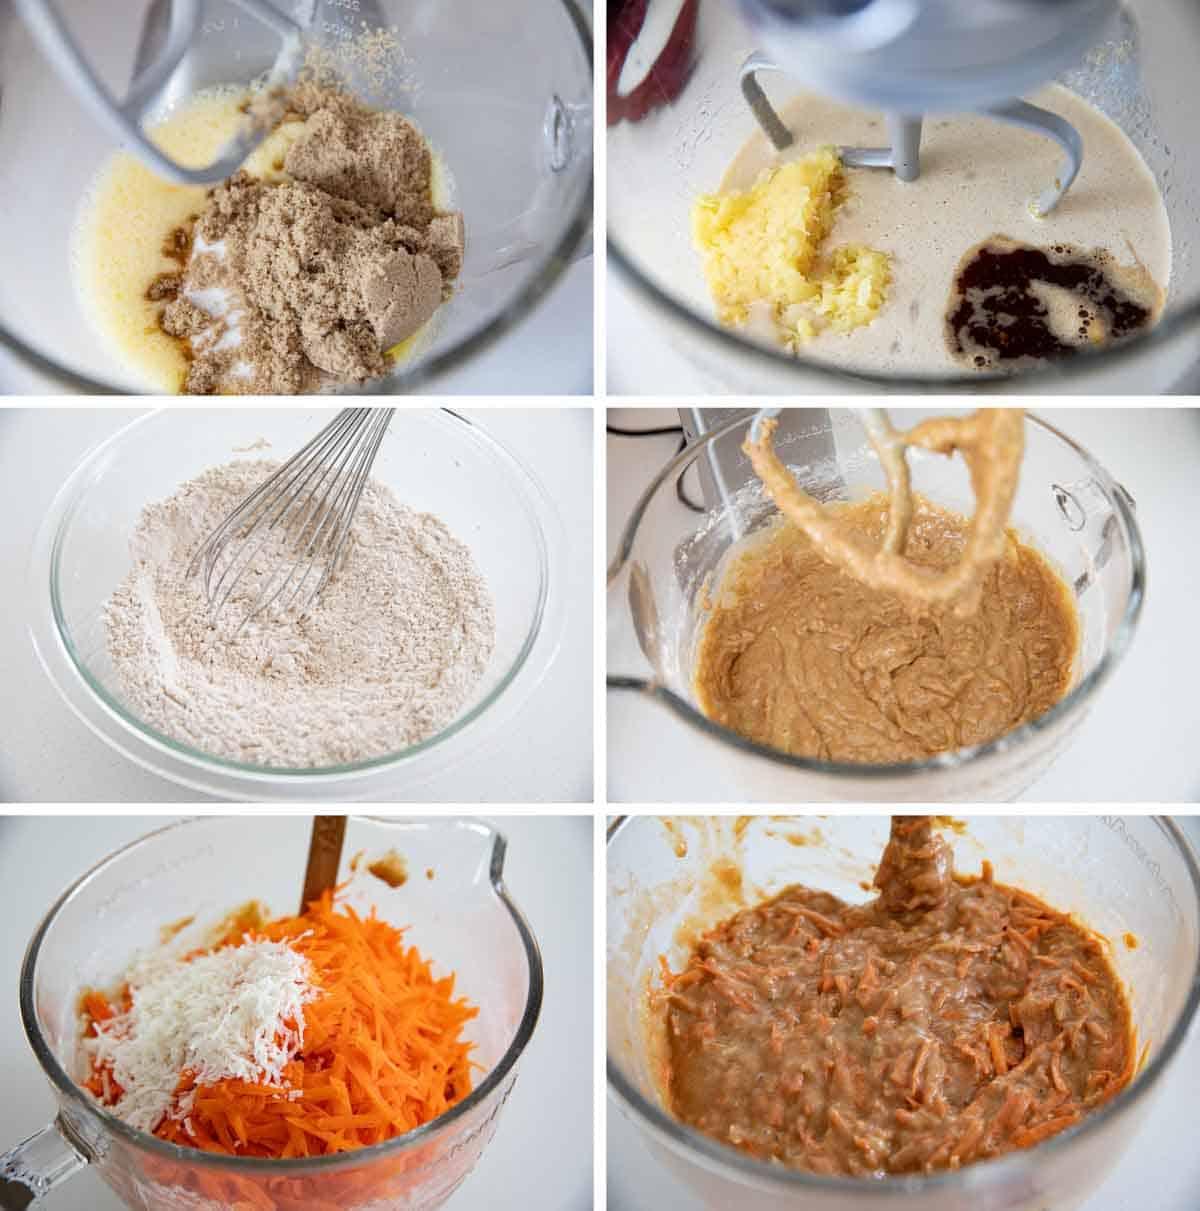 steps for making carrot cake